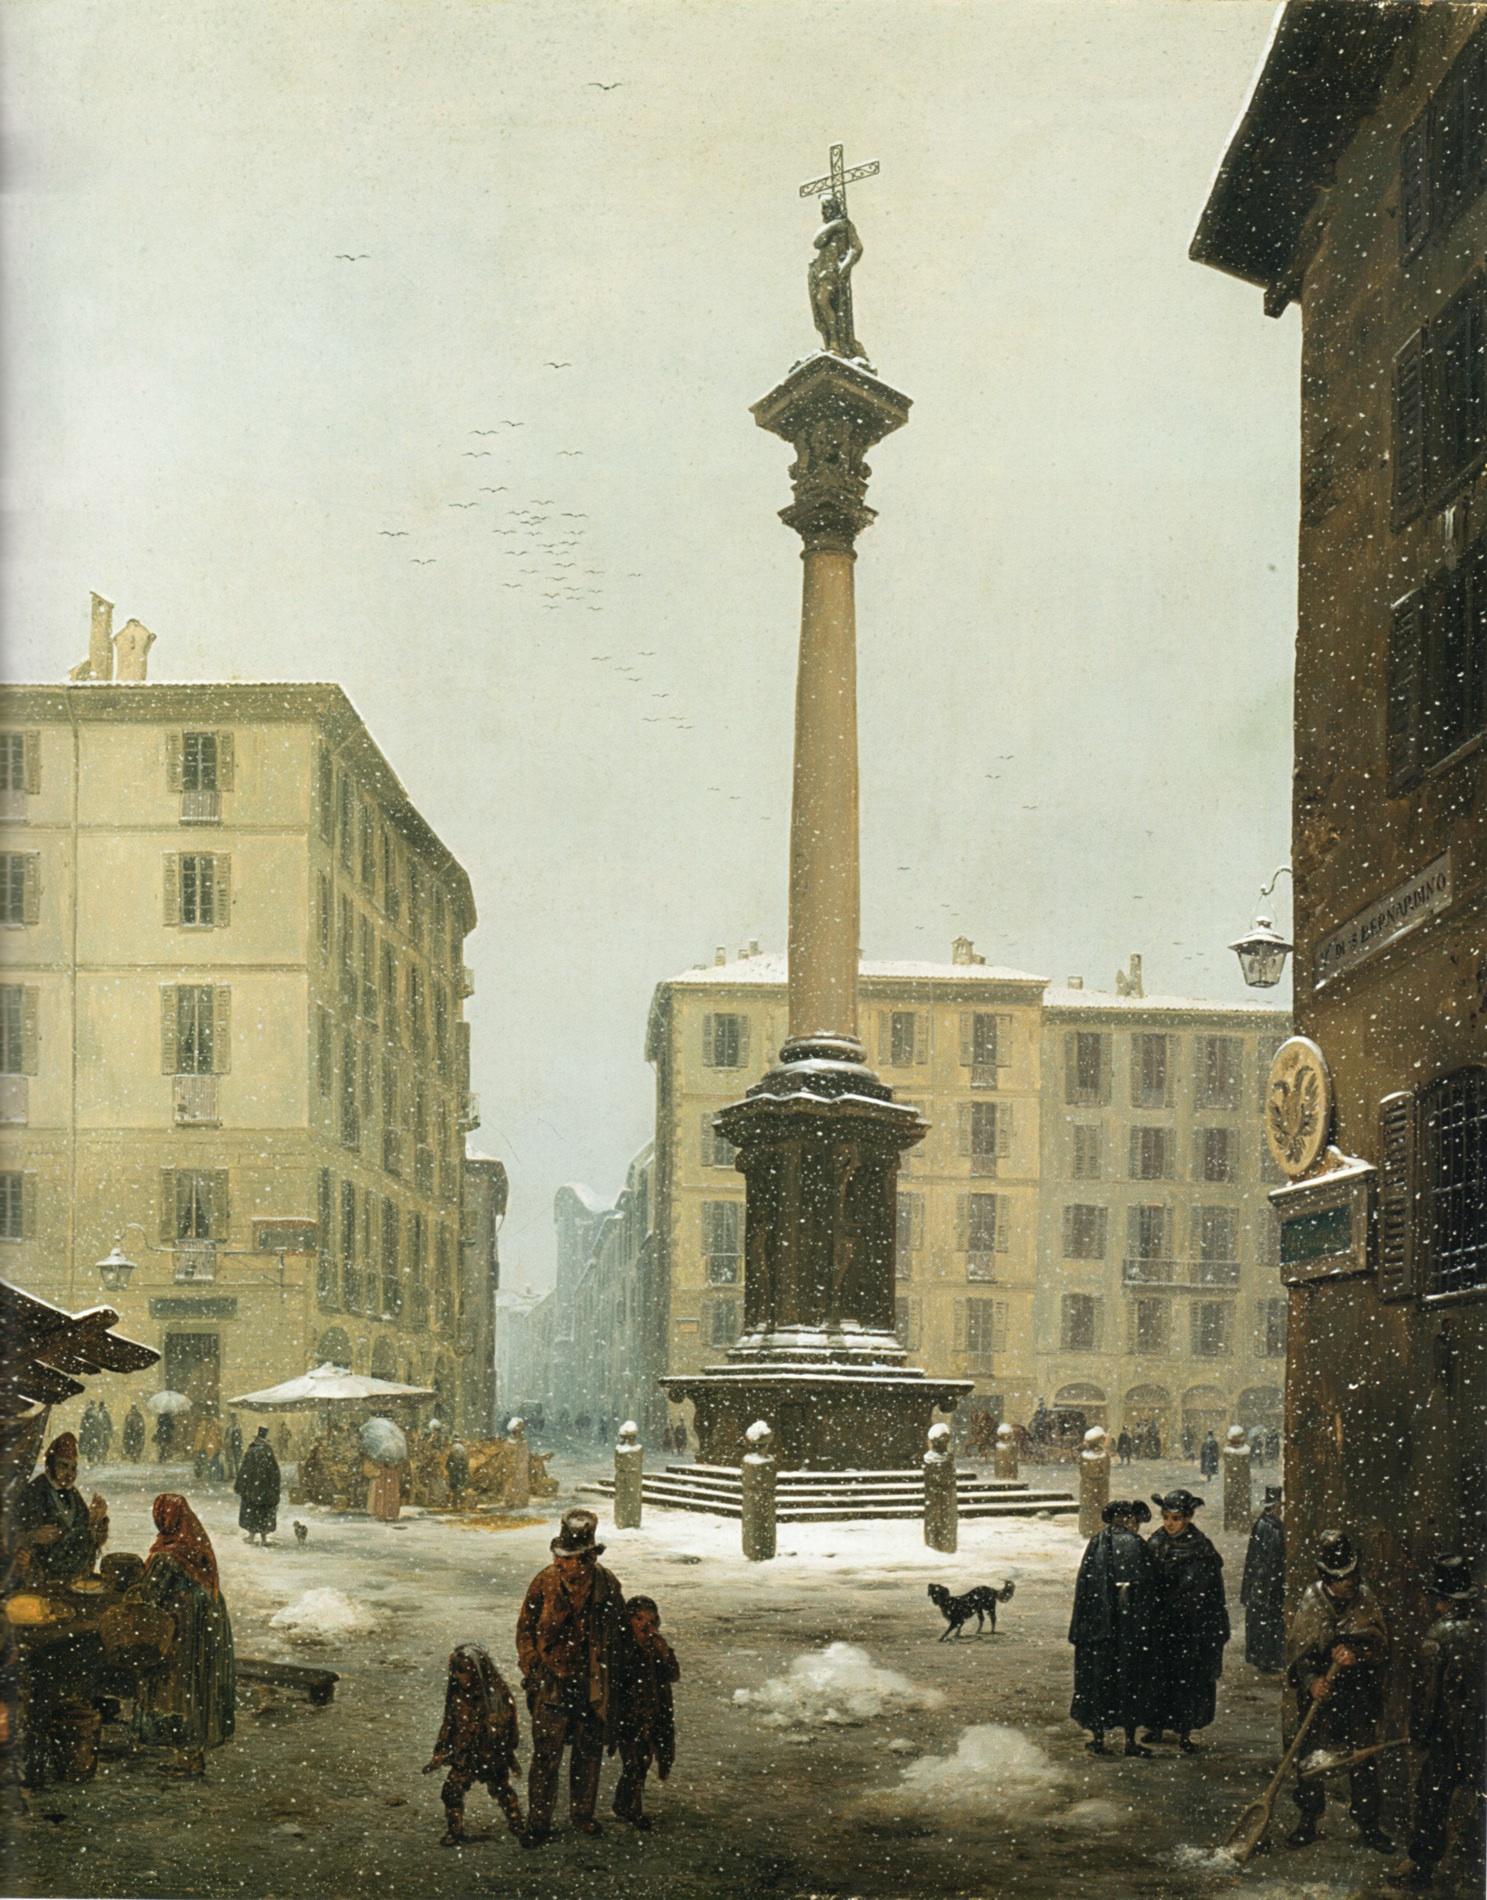 La colonna di S. Martiniano al Verziere con effetto di neve - Inganni A.